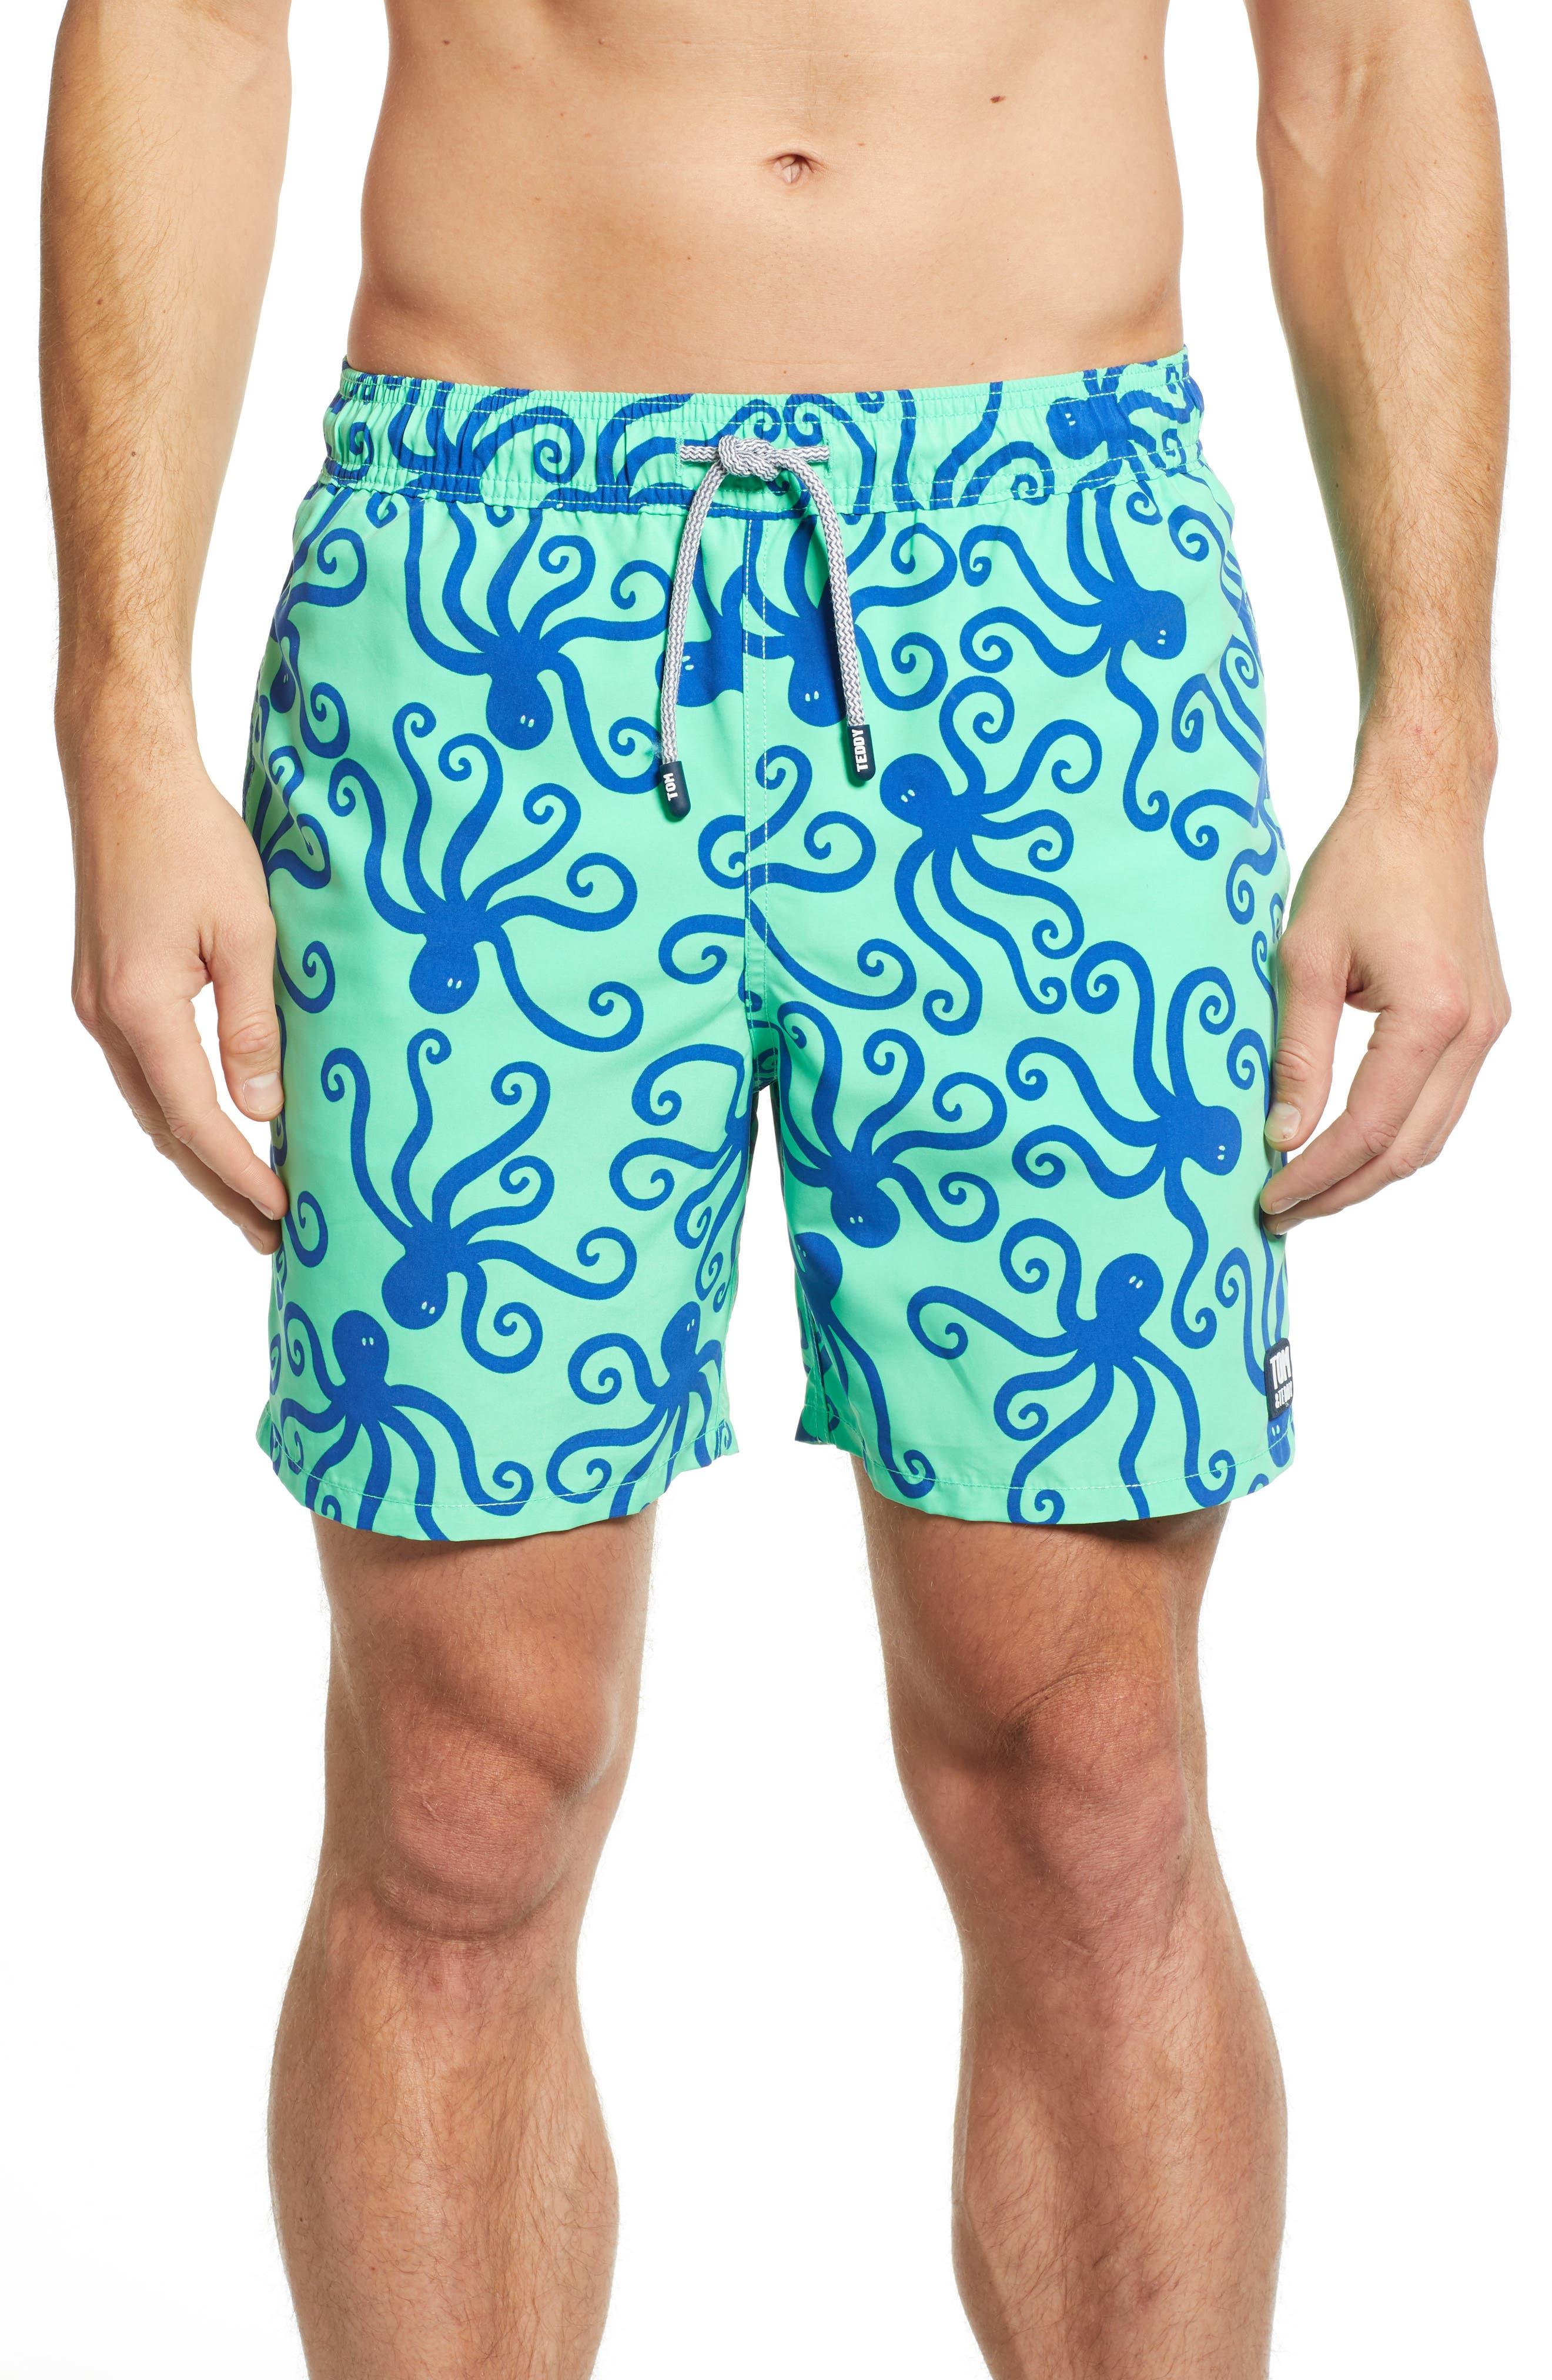 TOM & TEDDY 'Octopus Pattern' Swim Trunks in Green/ Blue